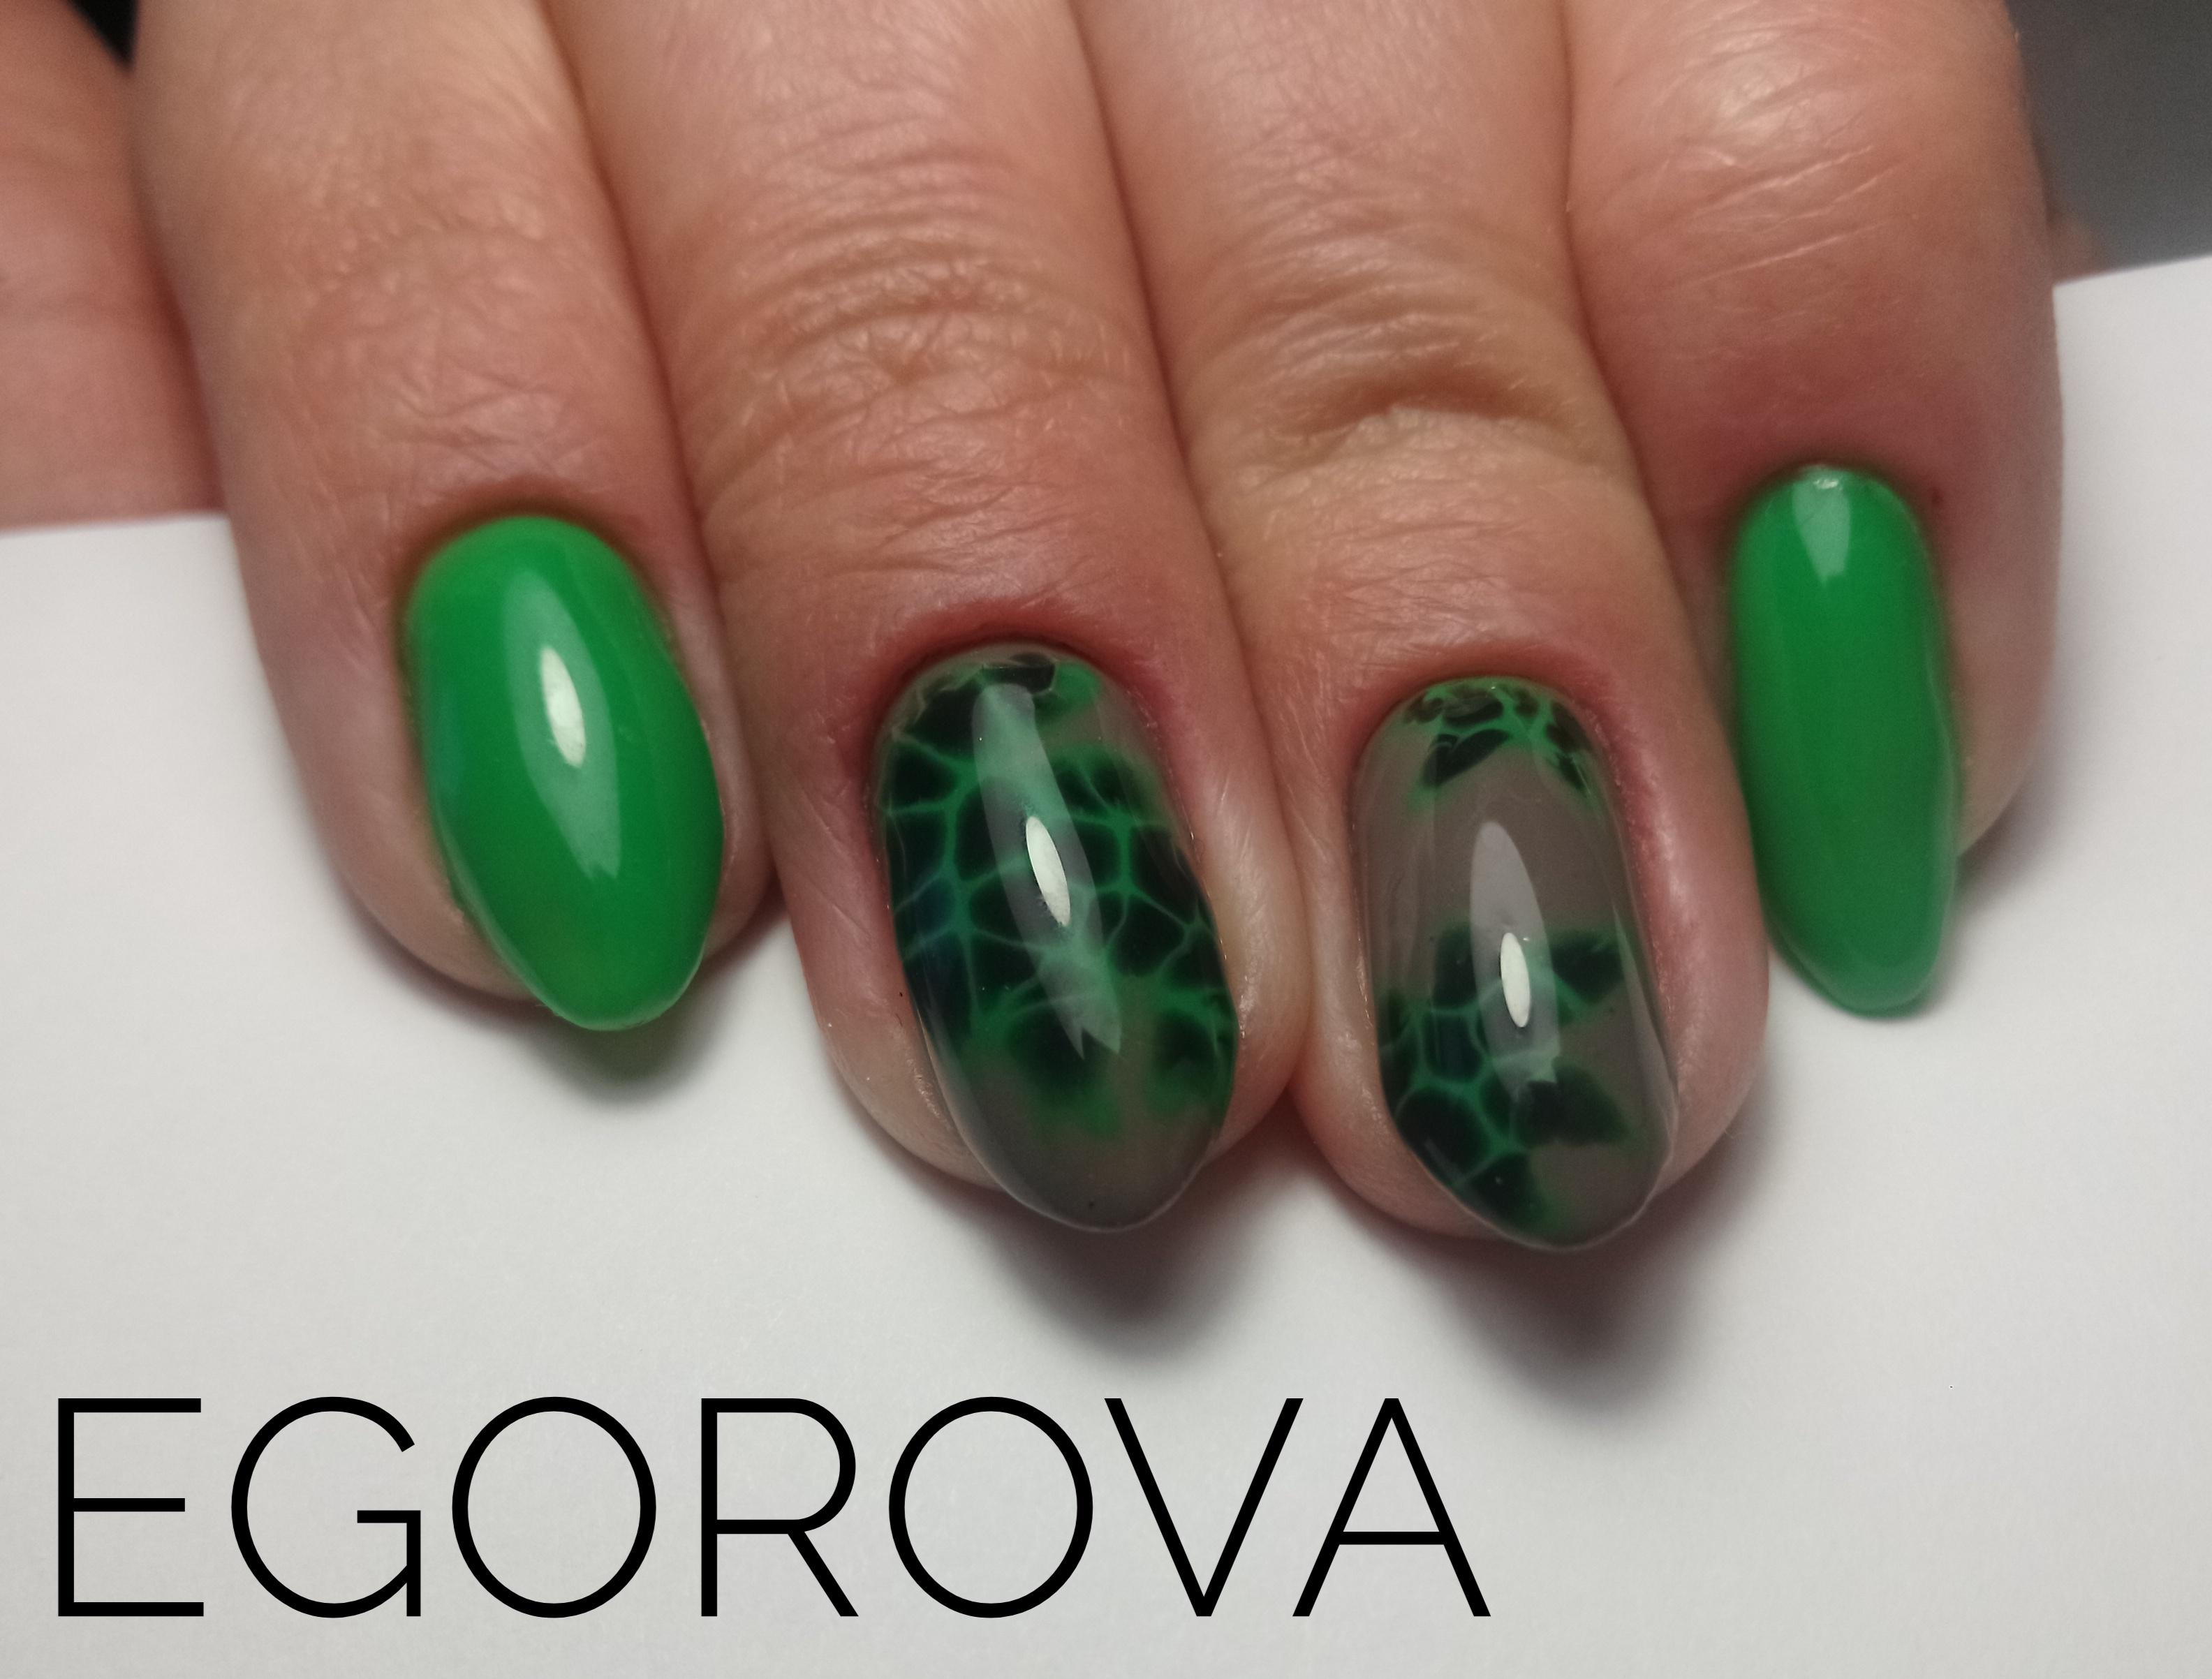 Маникюр с трендовым дизайном в зеленом цвете.